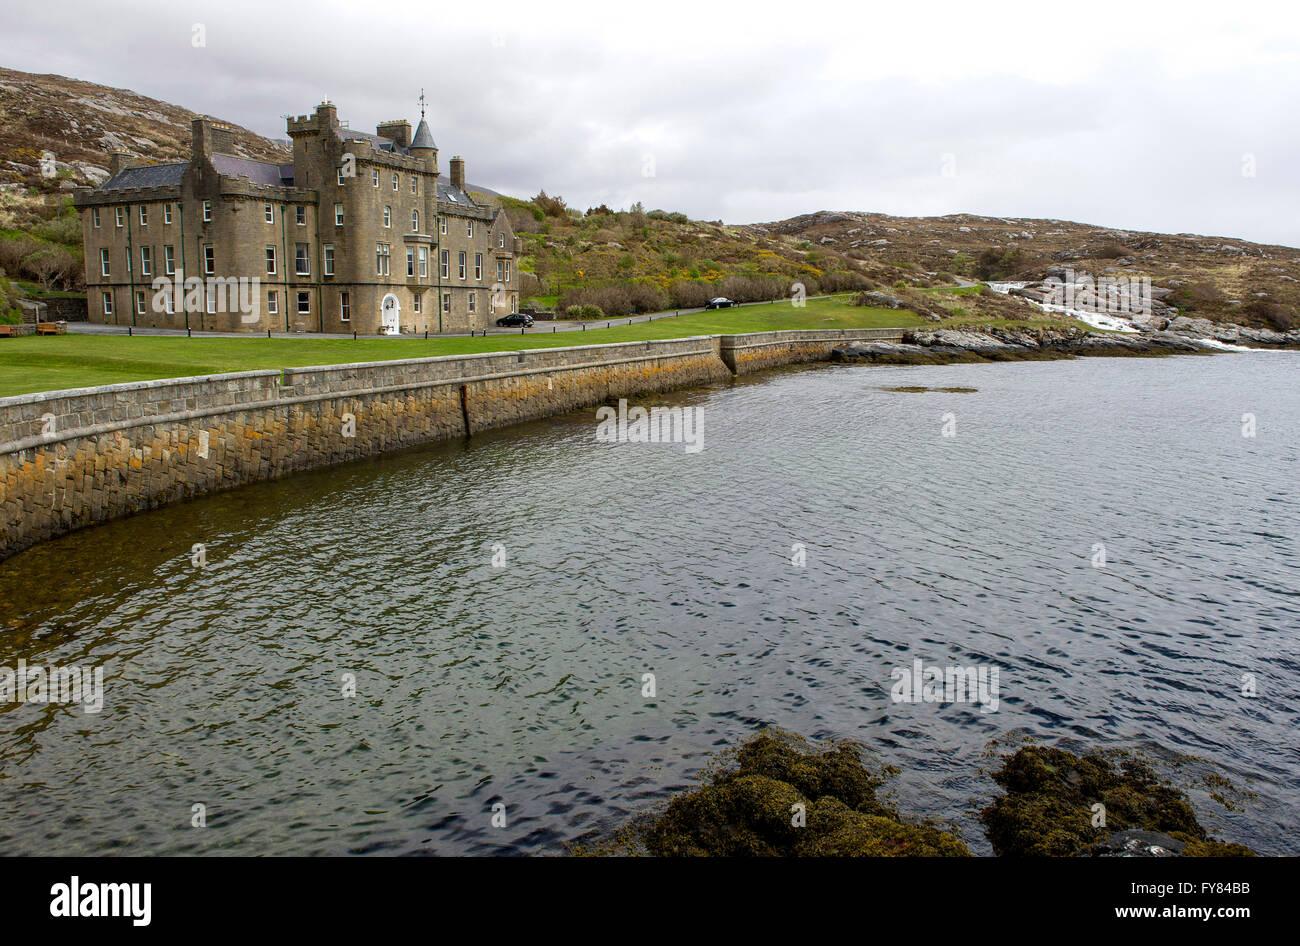 Amhuinnsuidhe Castle Estate Isle of Harris, Outer Hebrides, Scotland, United Kingdom, Europe. - Stock Image